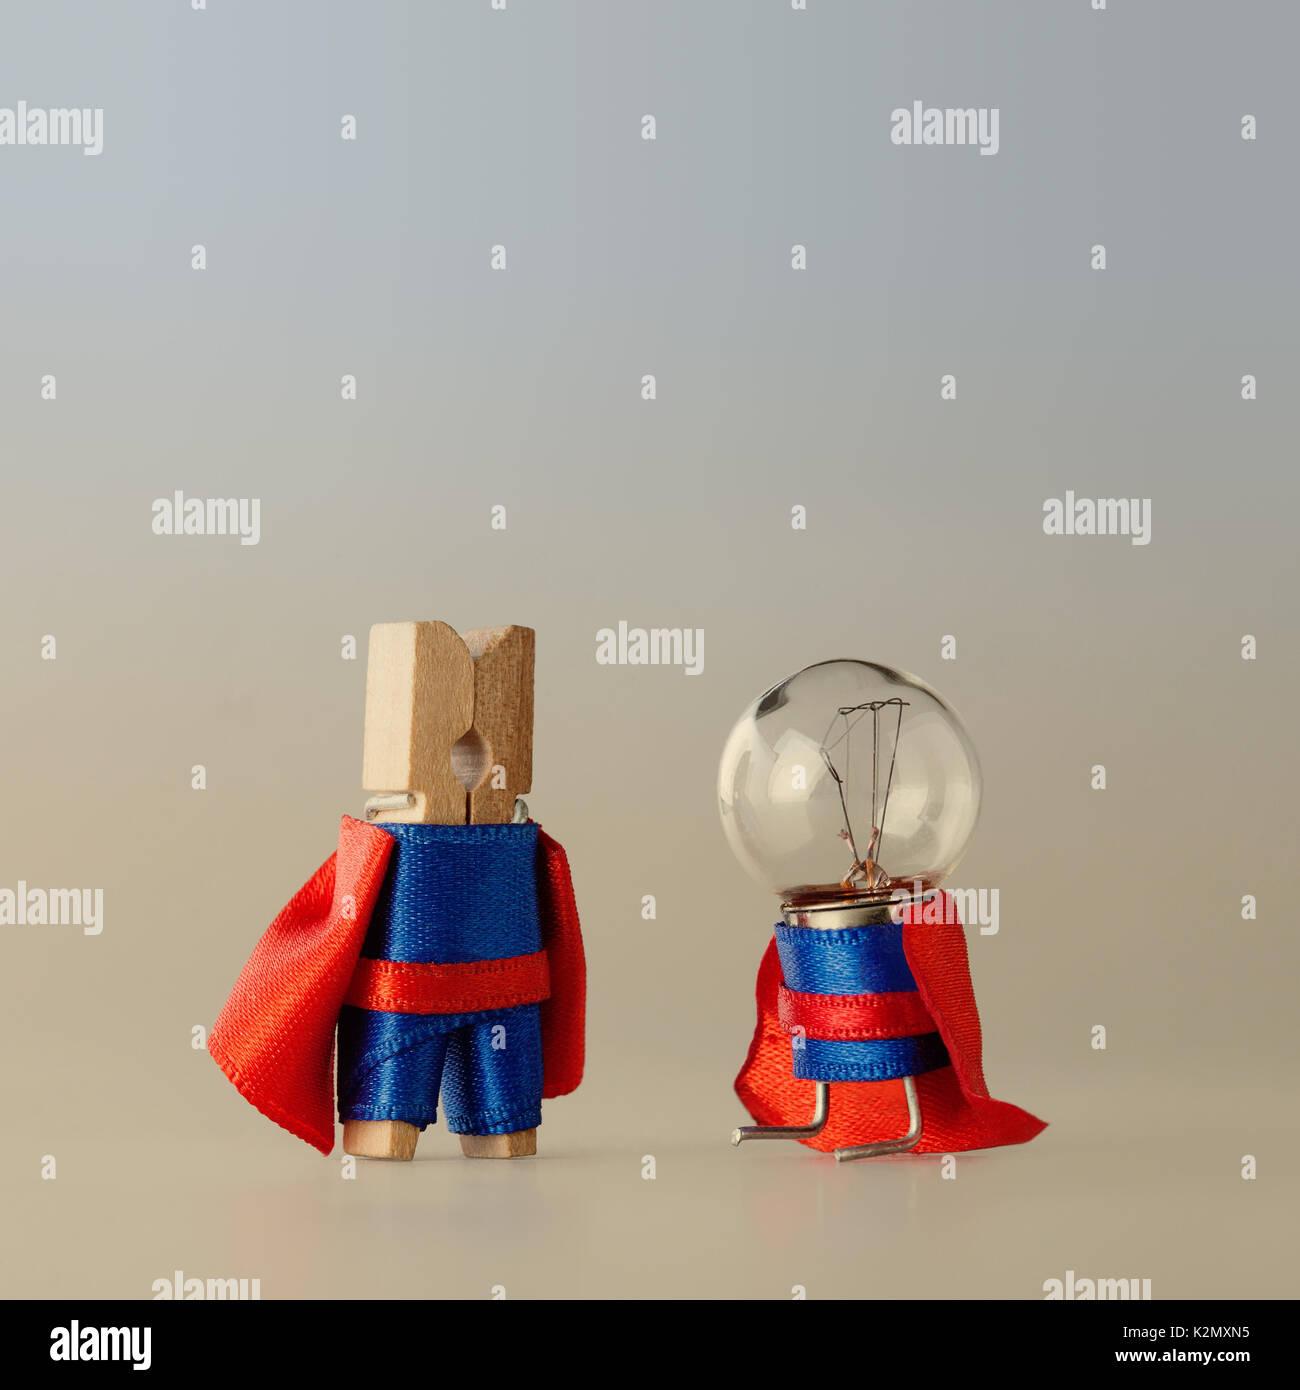 Super Premium Stockfotos & Super Premium Bilder - Alamy